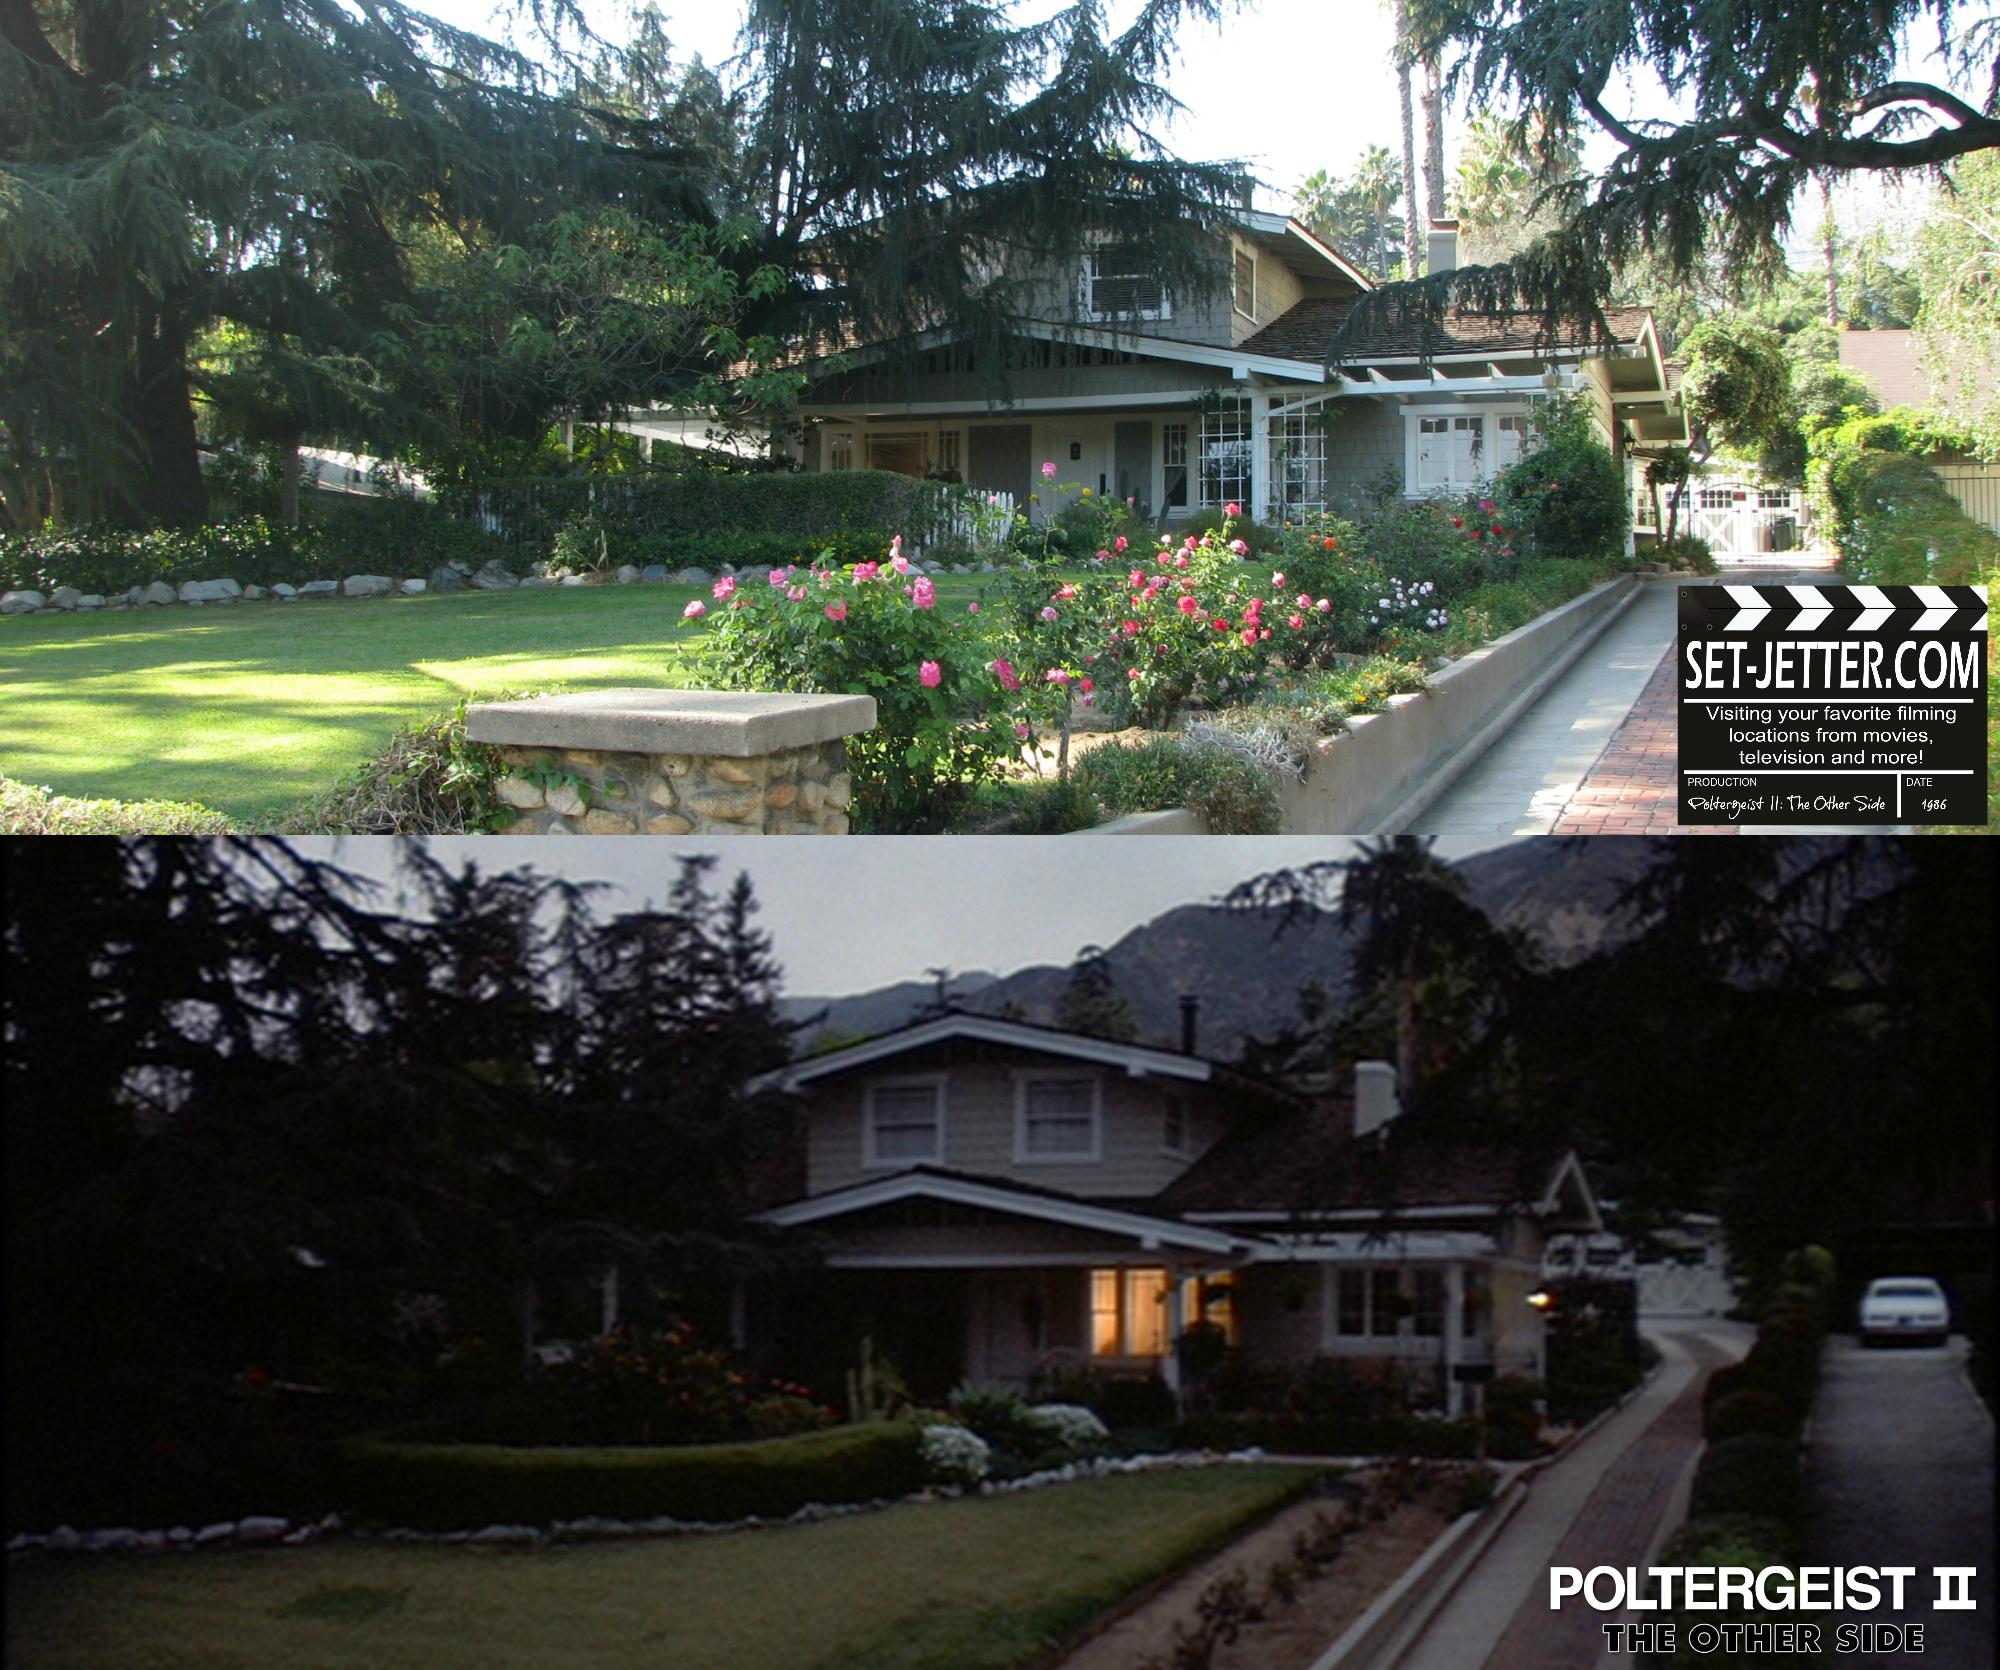 Poltergeist II comparison 50.jpg